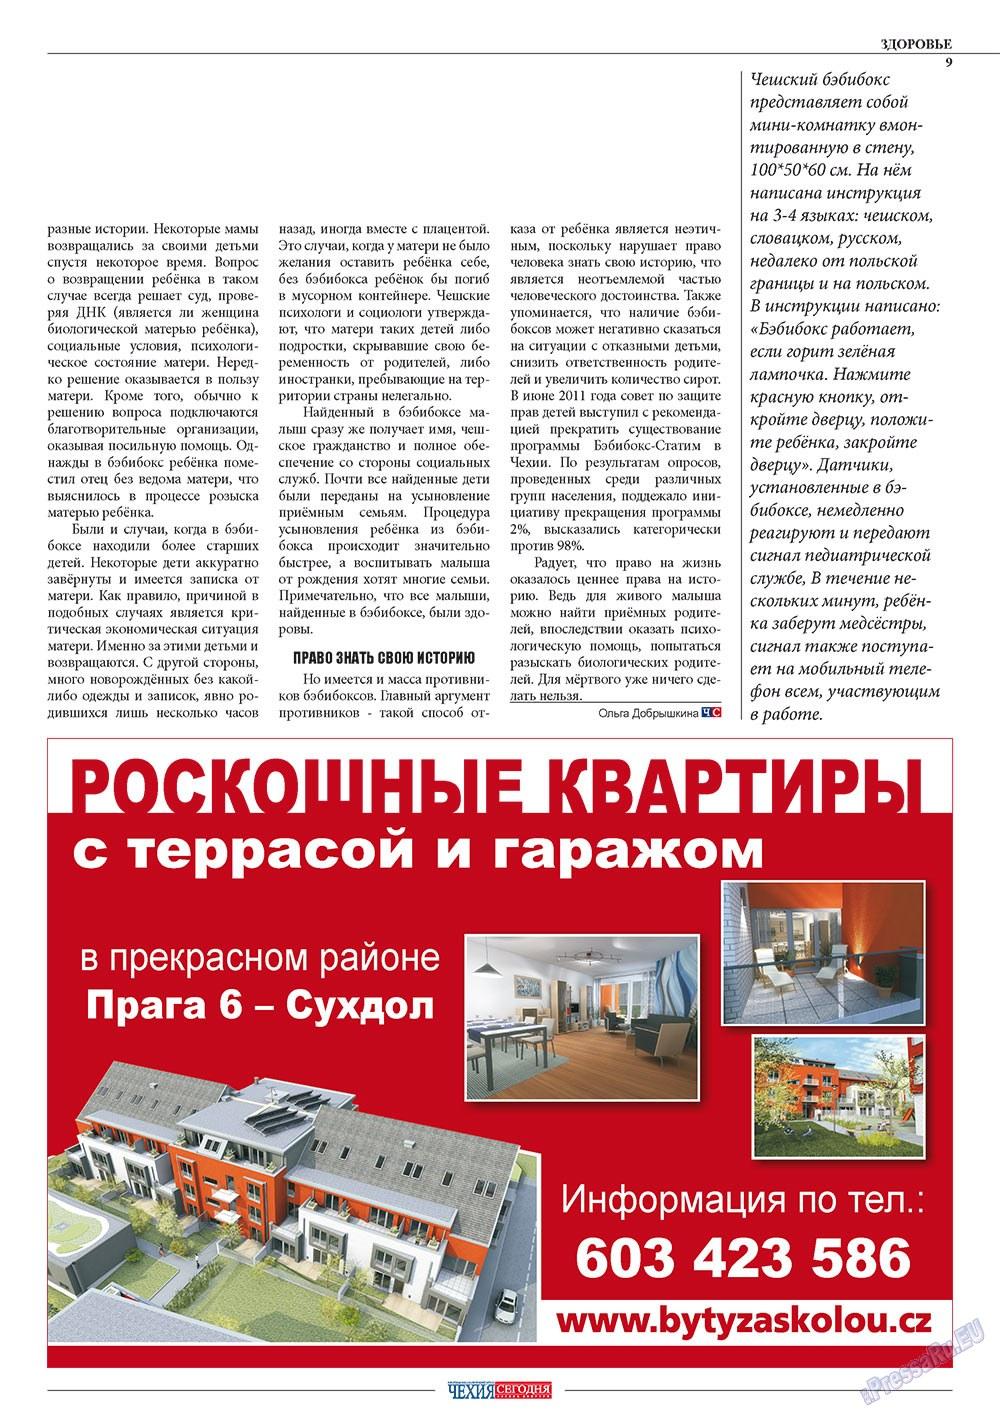 Чехия сегодня (журнал). 2011 год, номер 165, стр. 11